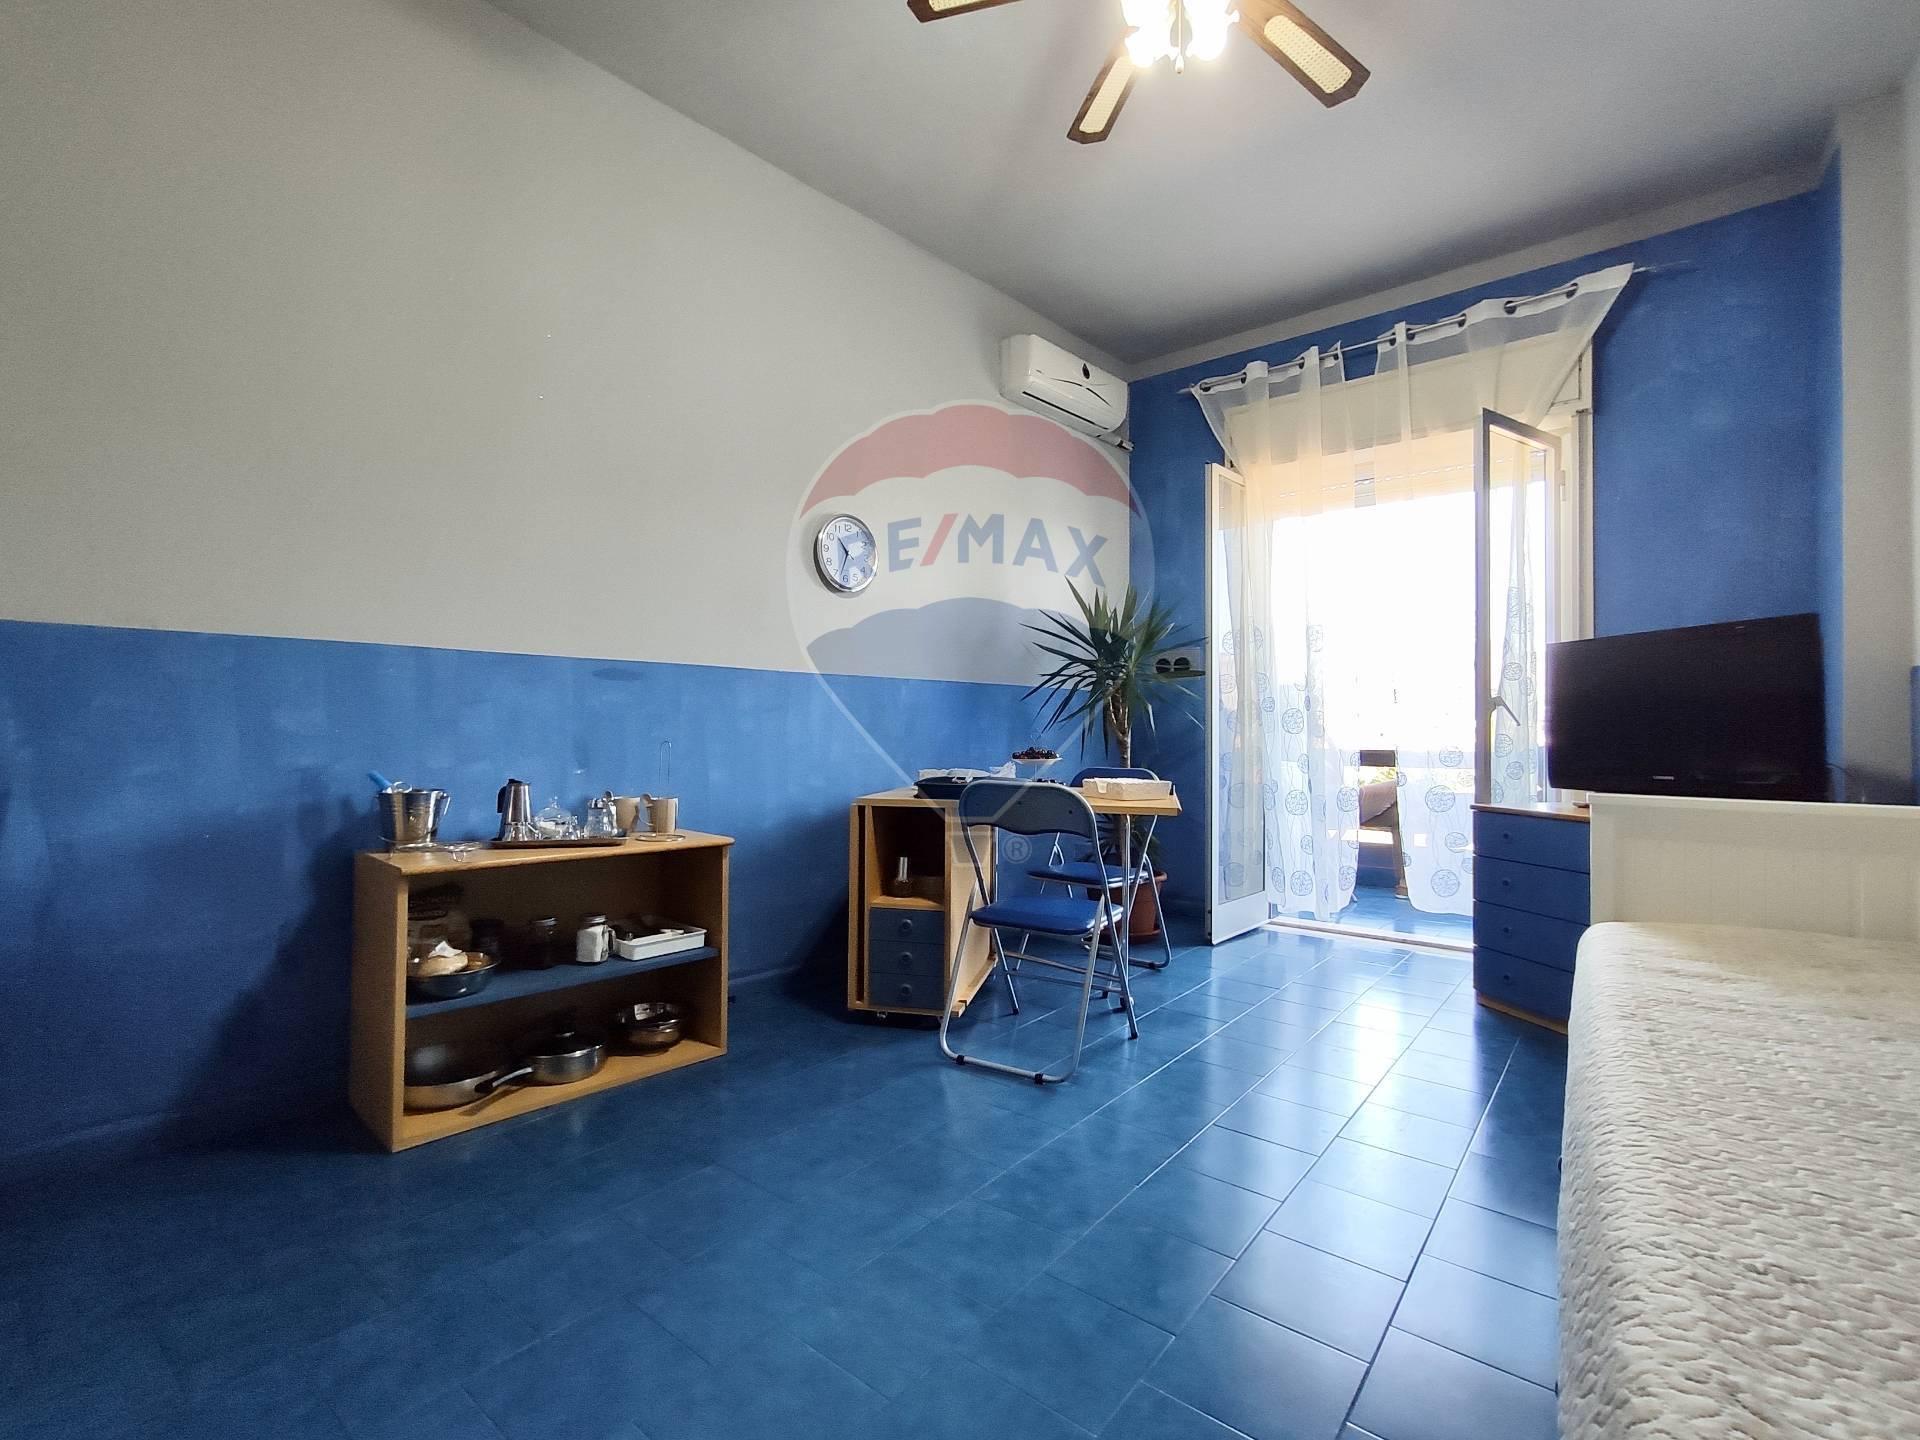 Appartamento in vendita a Giardini-Naxos, 1 locali, zona Zona: Giardini, prezzo € 29.000 | CambioCasa.it